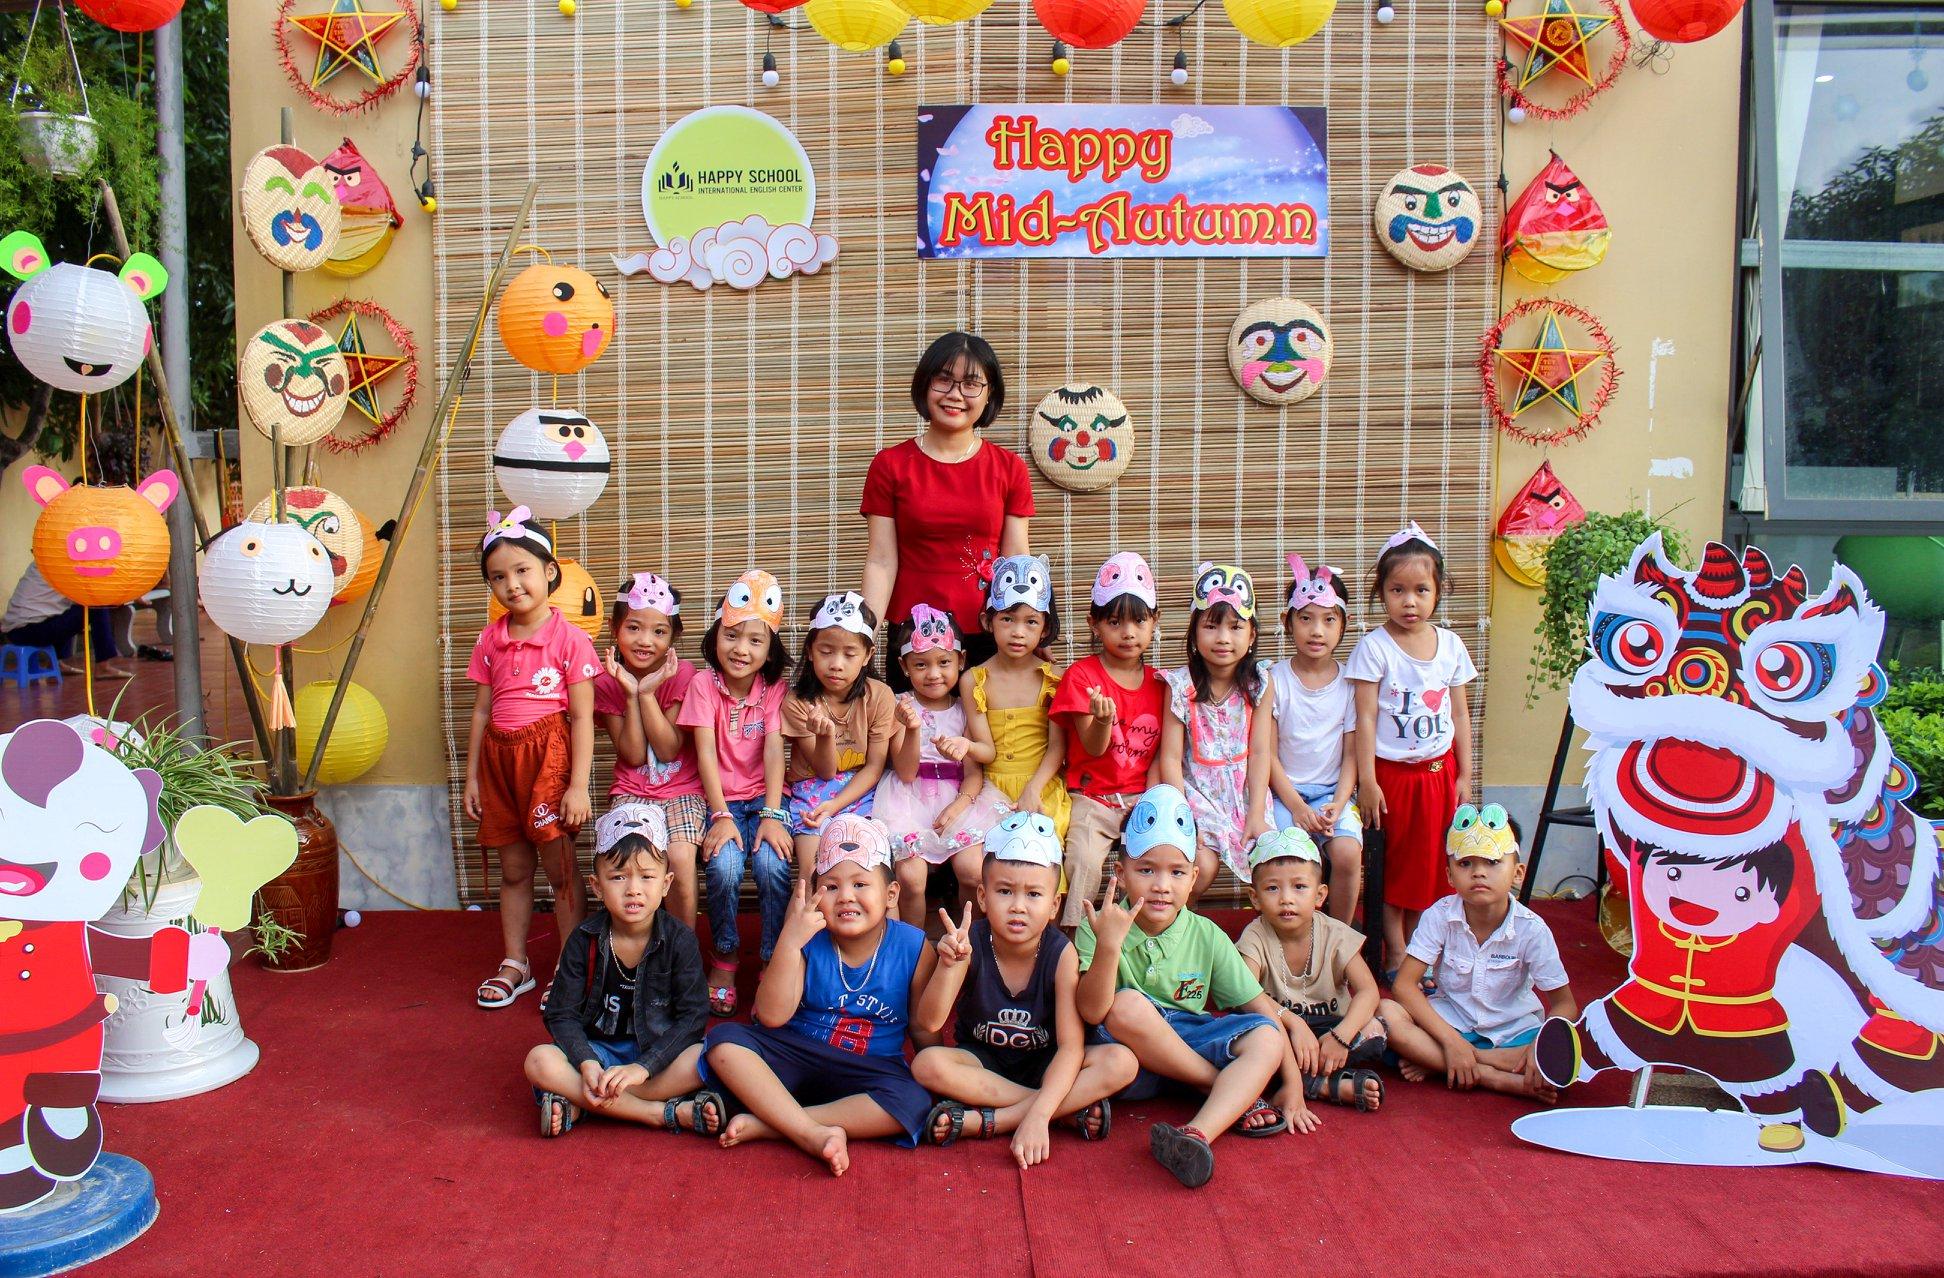 Vui lễ hội trăng rằm – Sống lại không gian tuổi thơ cùng Happy School